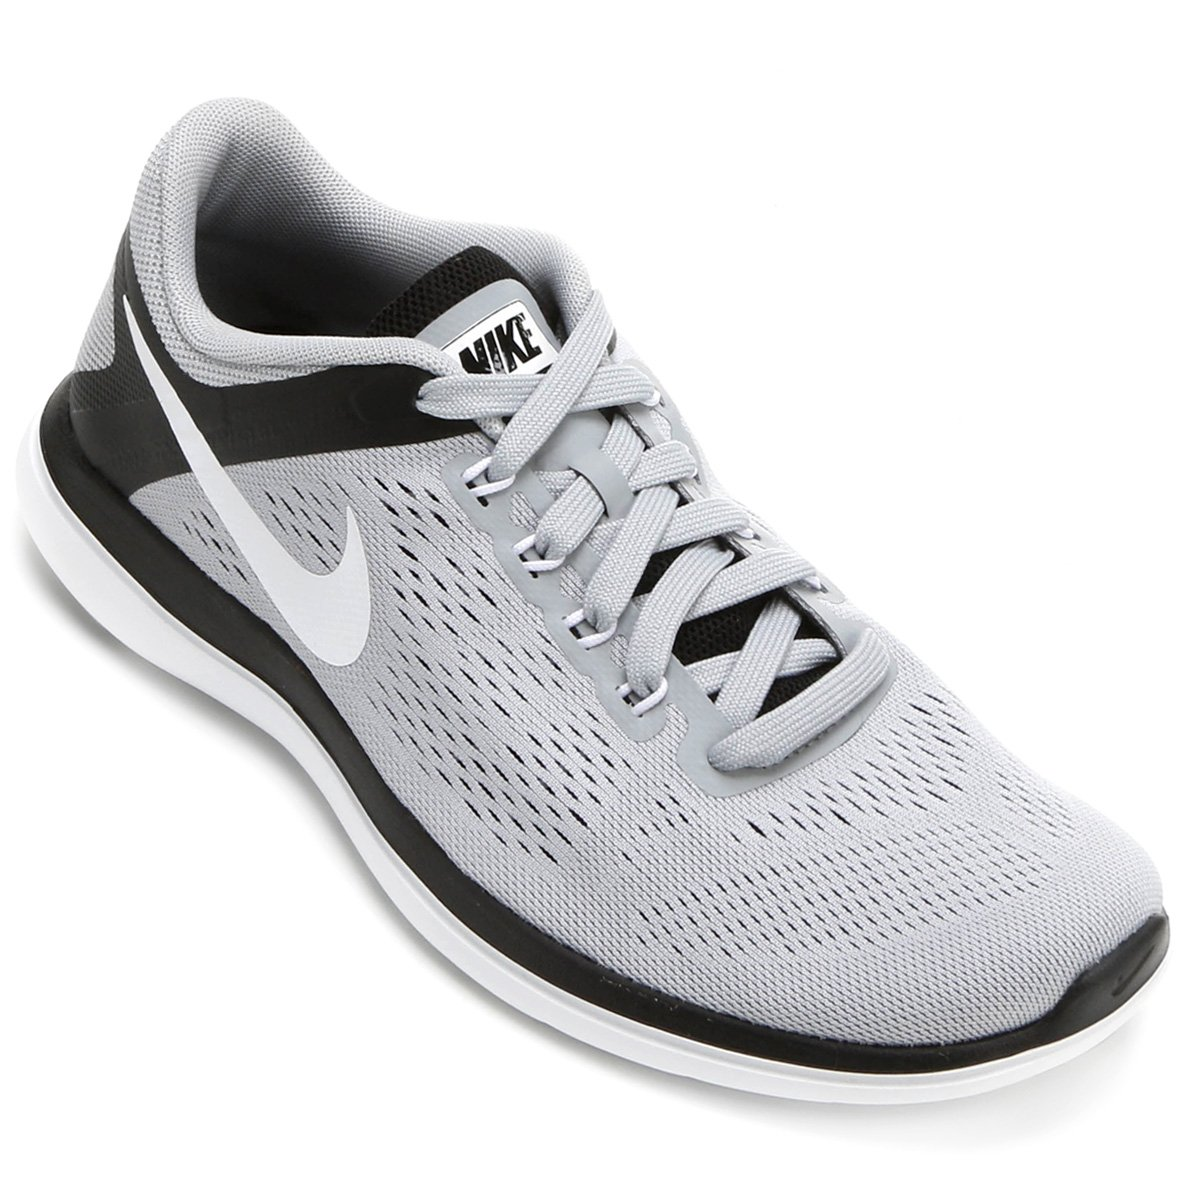 56f61673cf Tênis Nike Flex 2016 RN Masculino - Compre Agora